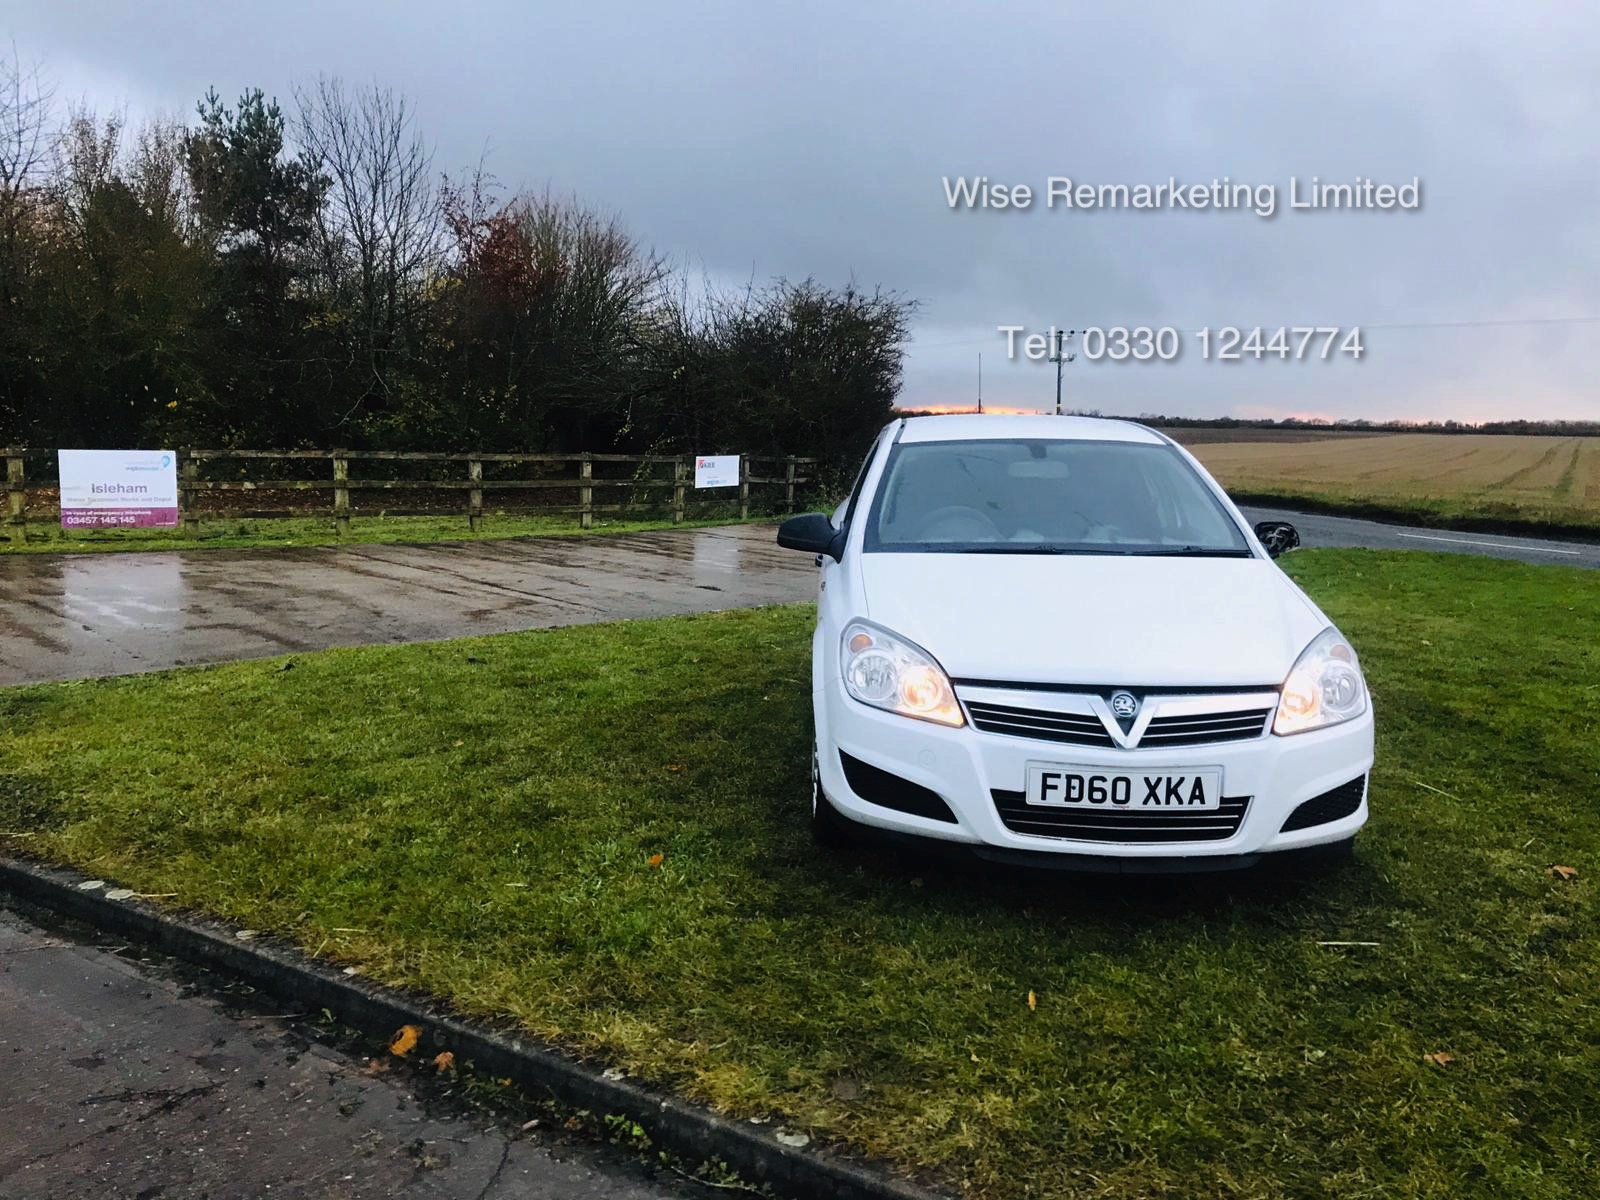 Vauxhall Astra Van 1.3 CDTi - 2011 Model - 5 Seater Crew Van - SAVE 20% NO VAT - Image 5 of 15